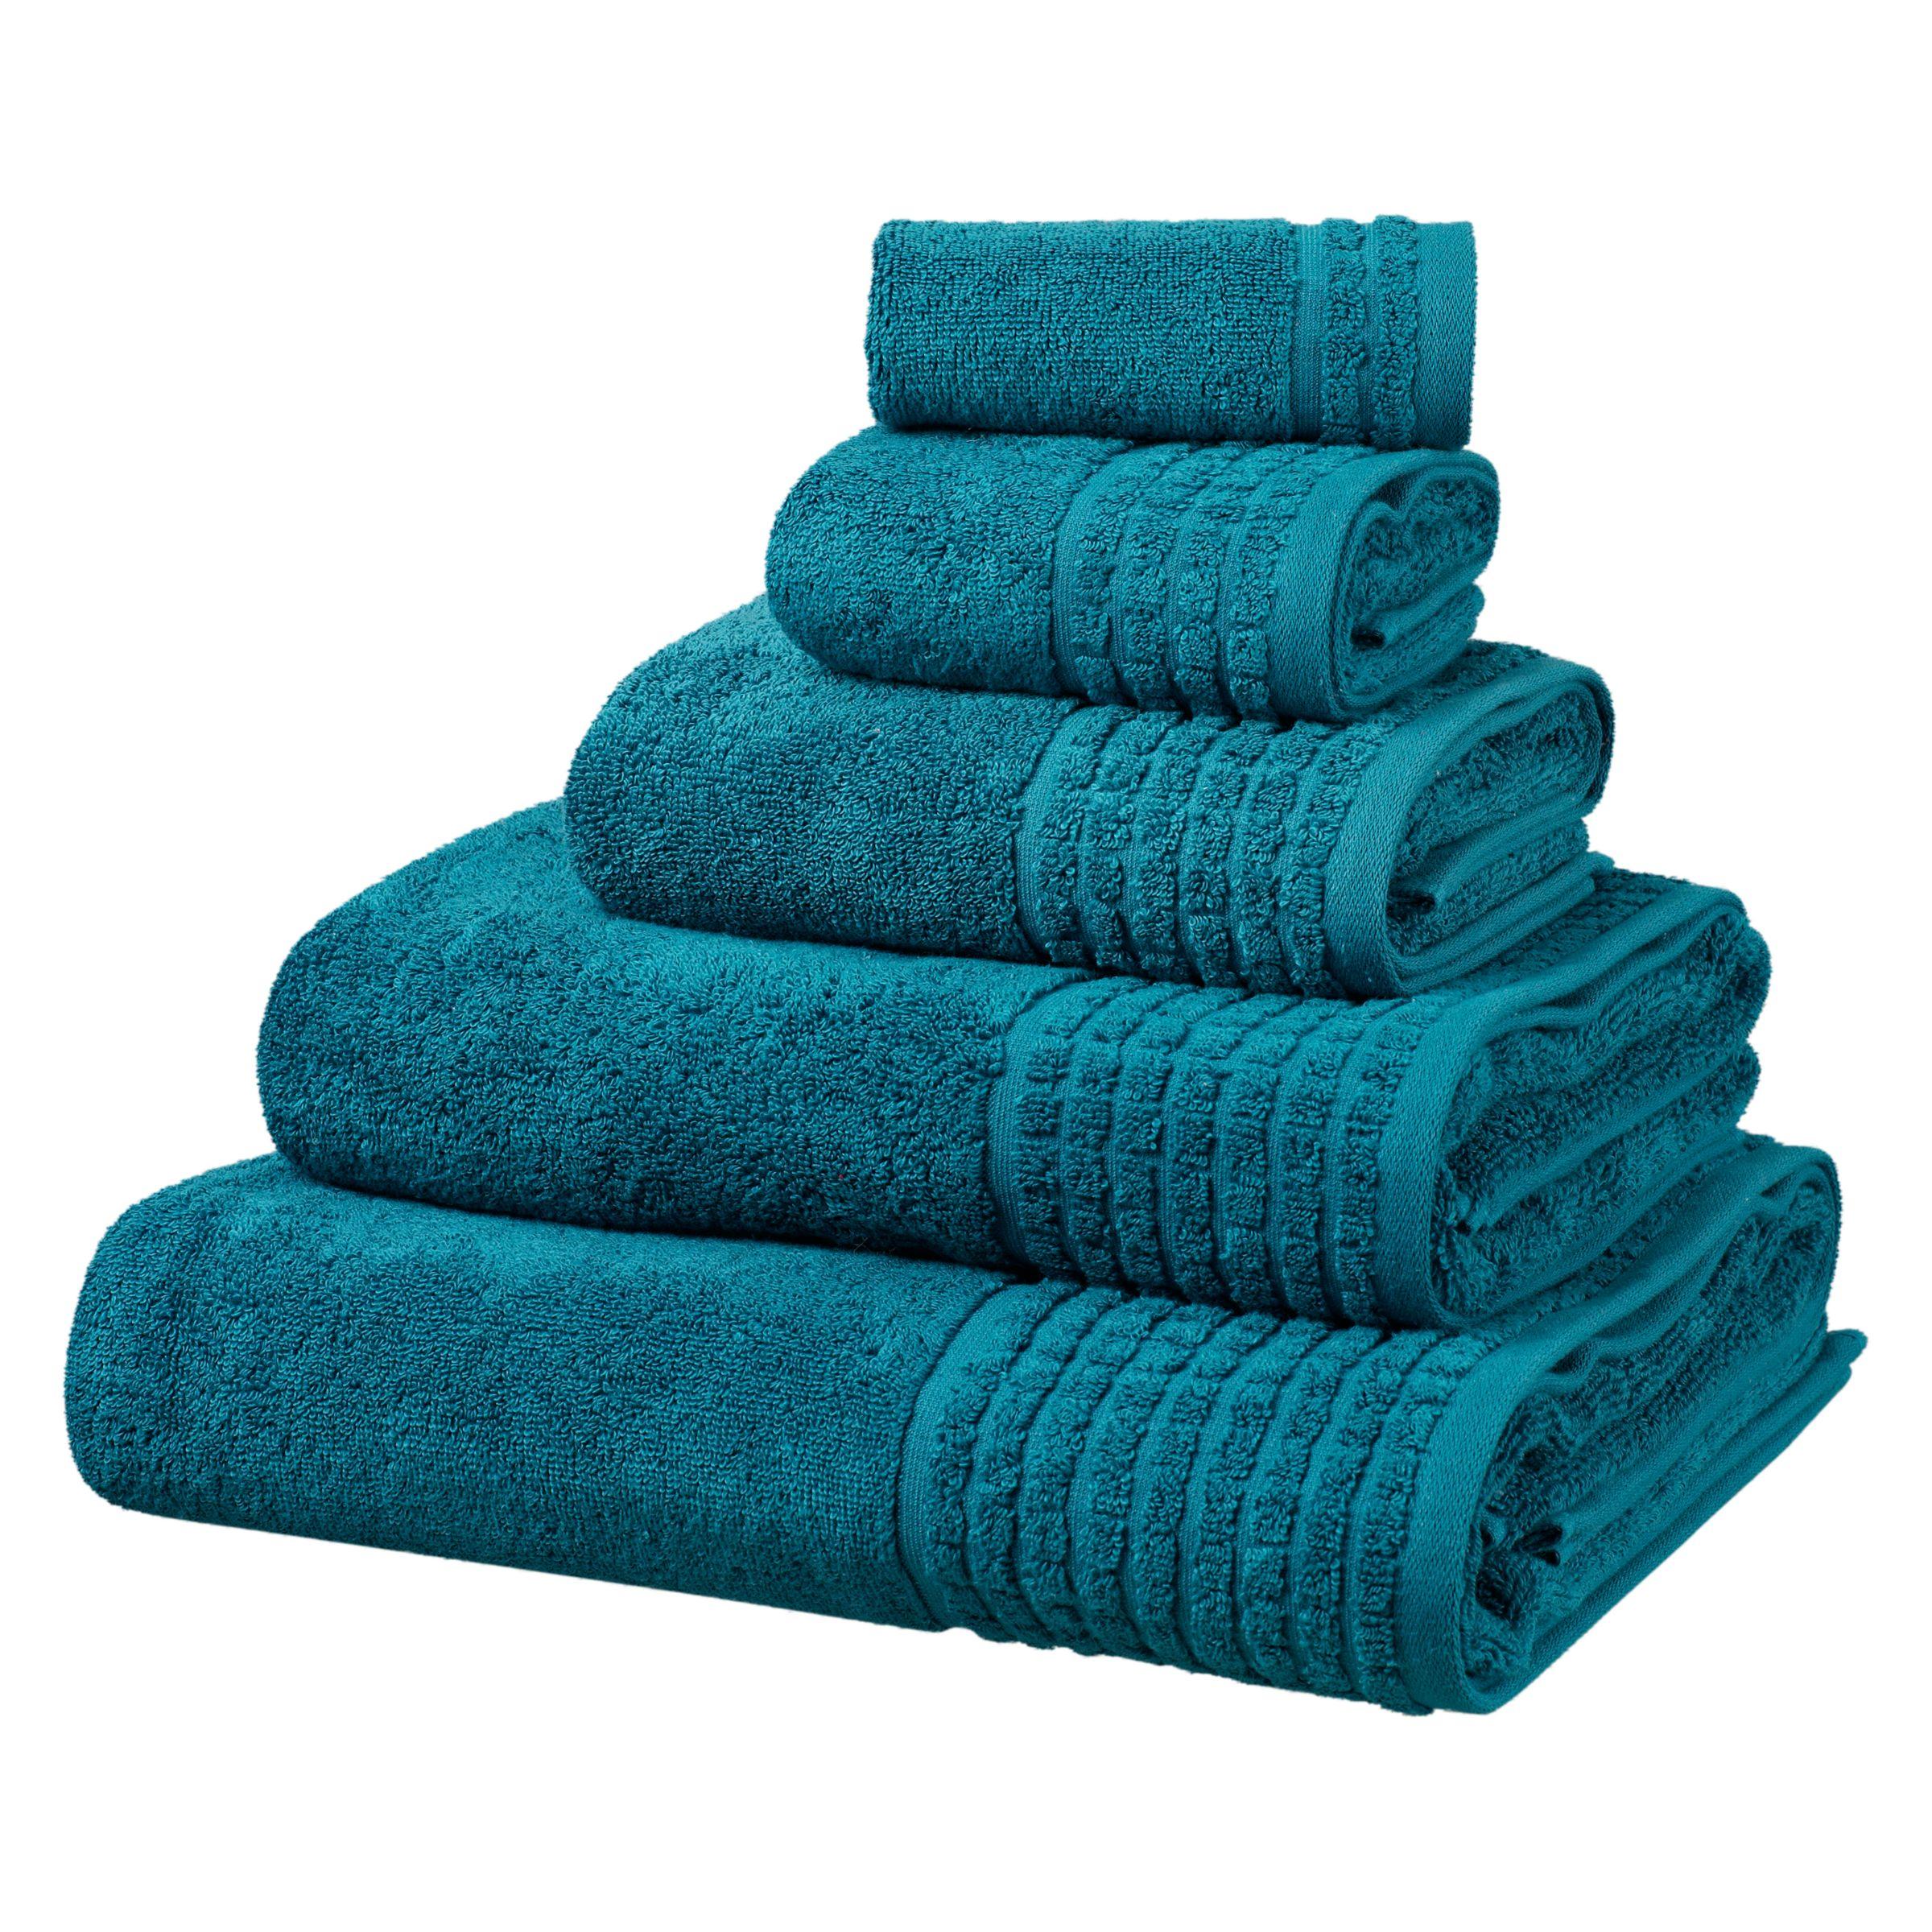 Bath Towel Sets (2 Bath, 2 Hand, 2 Wash)